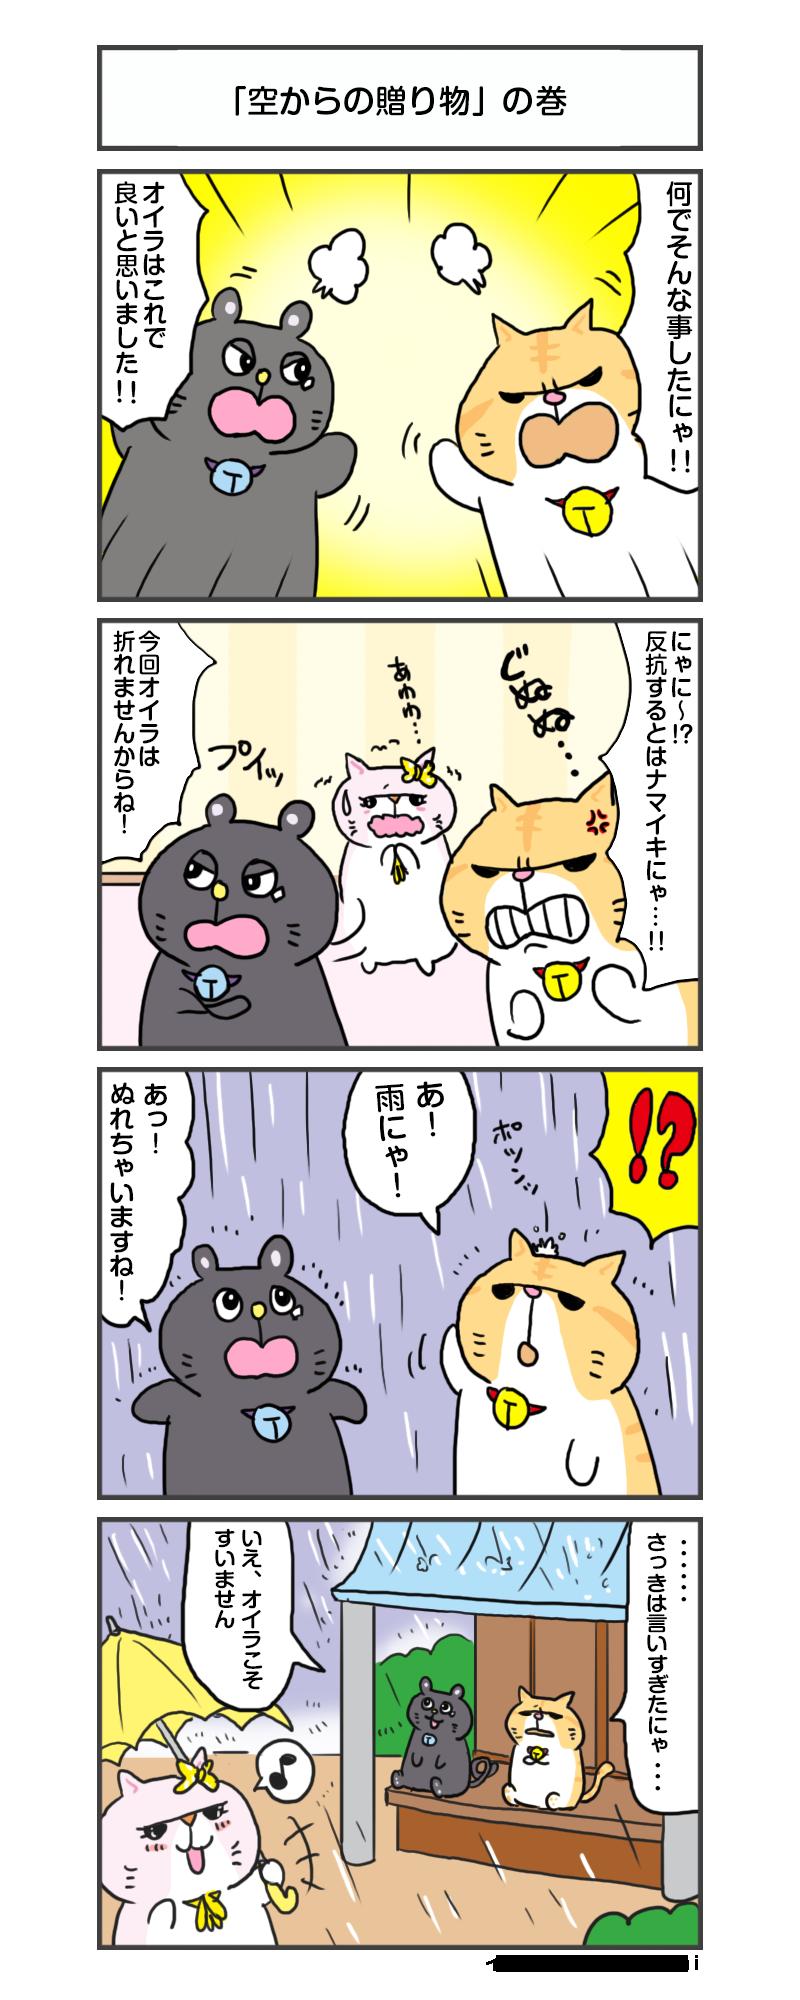 縺医″縺昴y縺・anga_vol.209